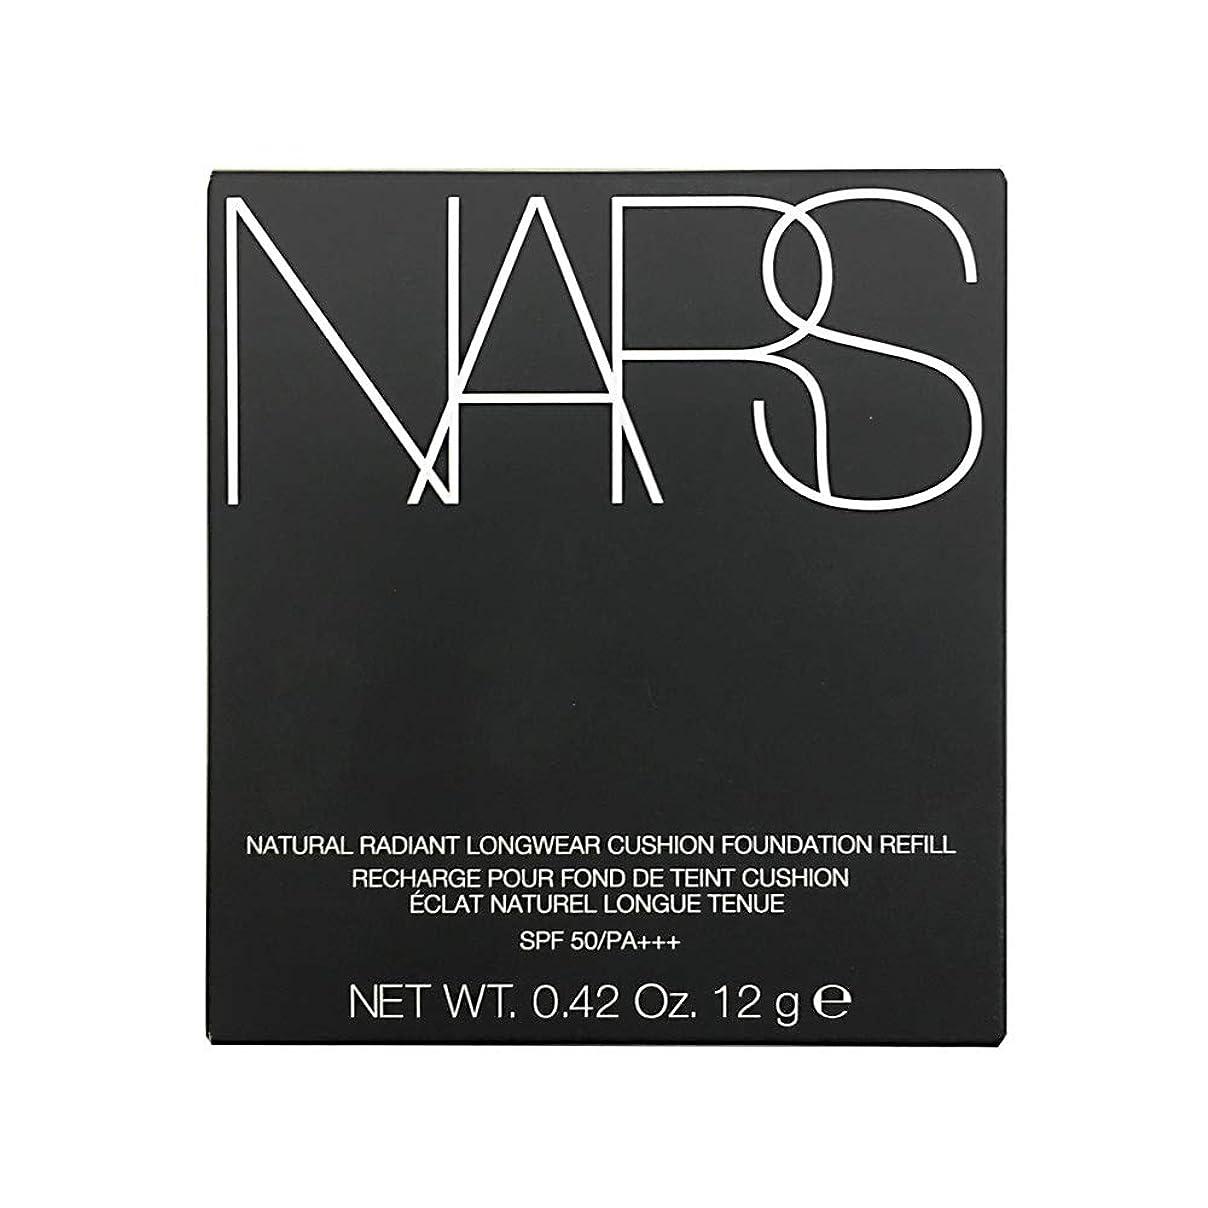 スポンジ回想失ナーズ/NARS ナチュラルラディアント ロングウェア クッションファンデーション(レフィル)#5880[ クッションファンデ ] [並行輸入品]